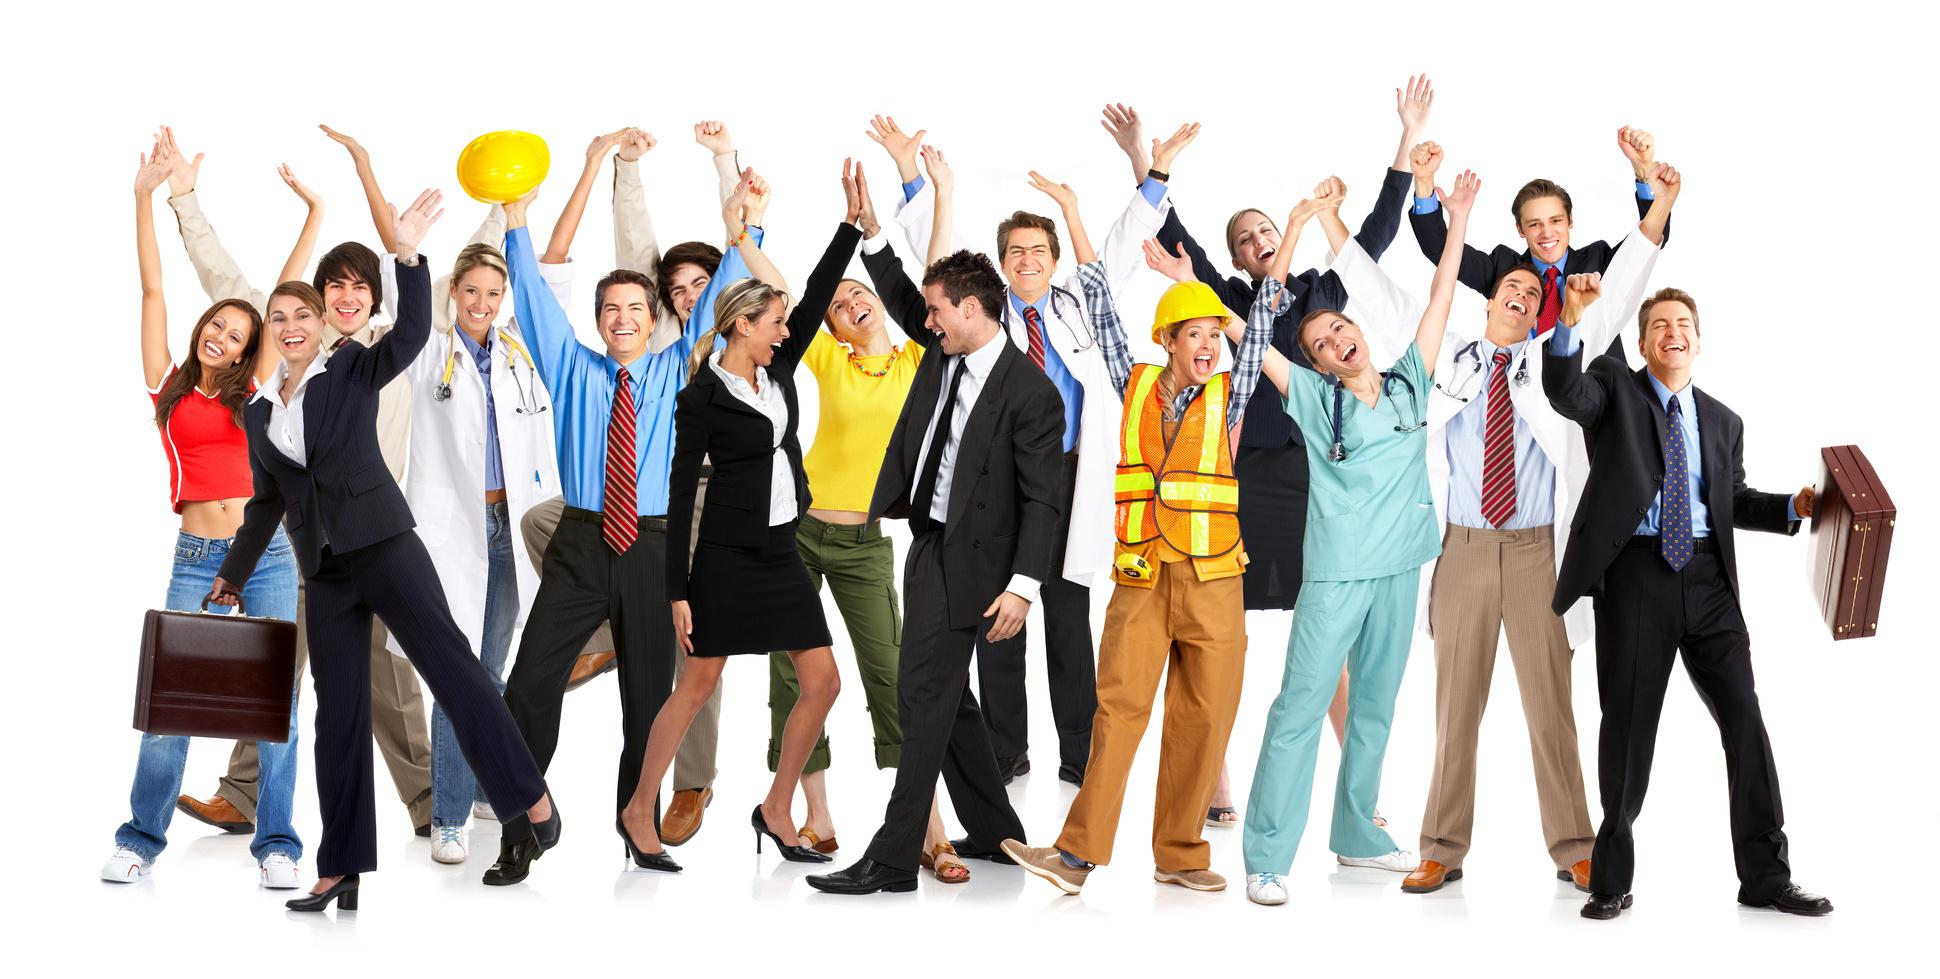 Gdzie pracuje się najlepiej? Wyniki ogólnopolskiego sondażu